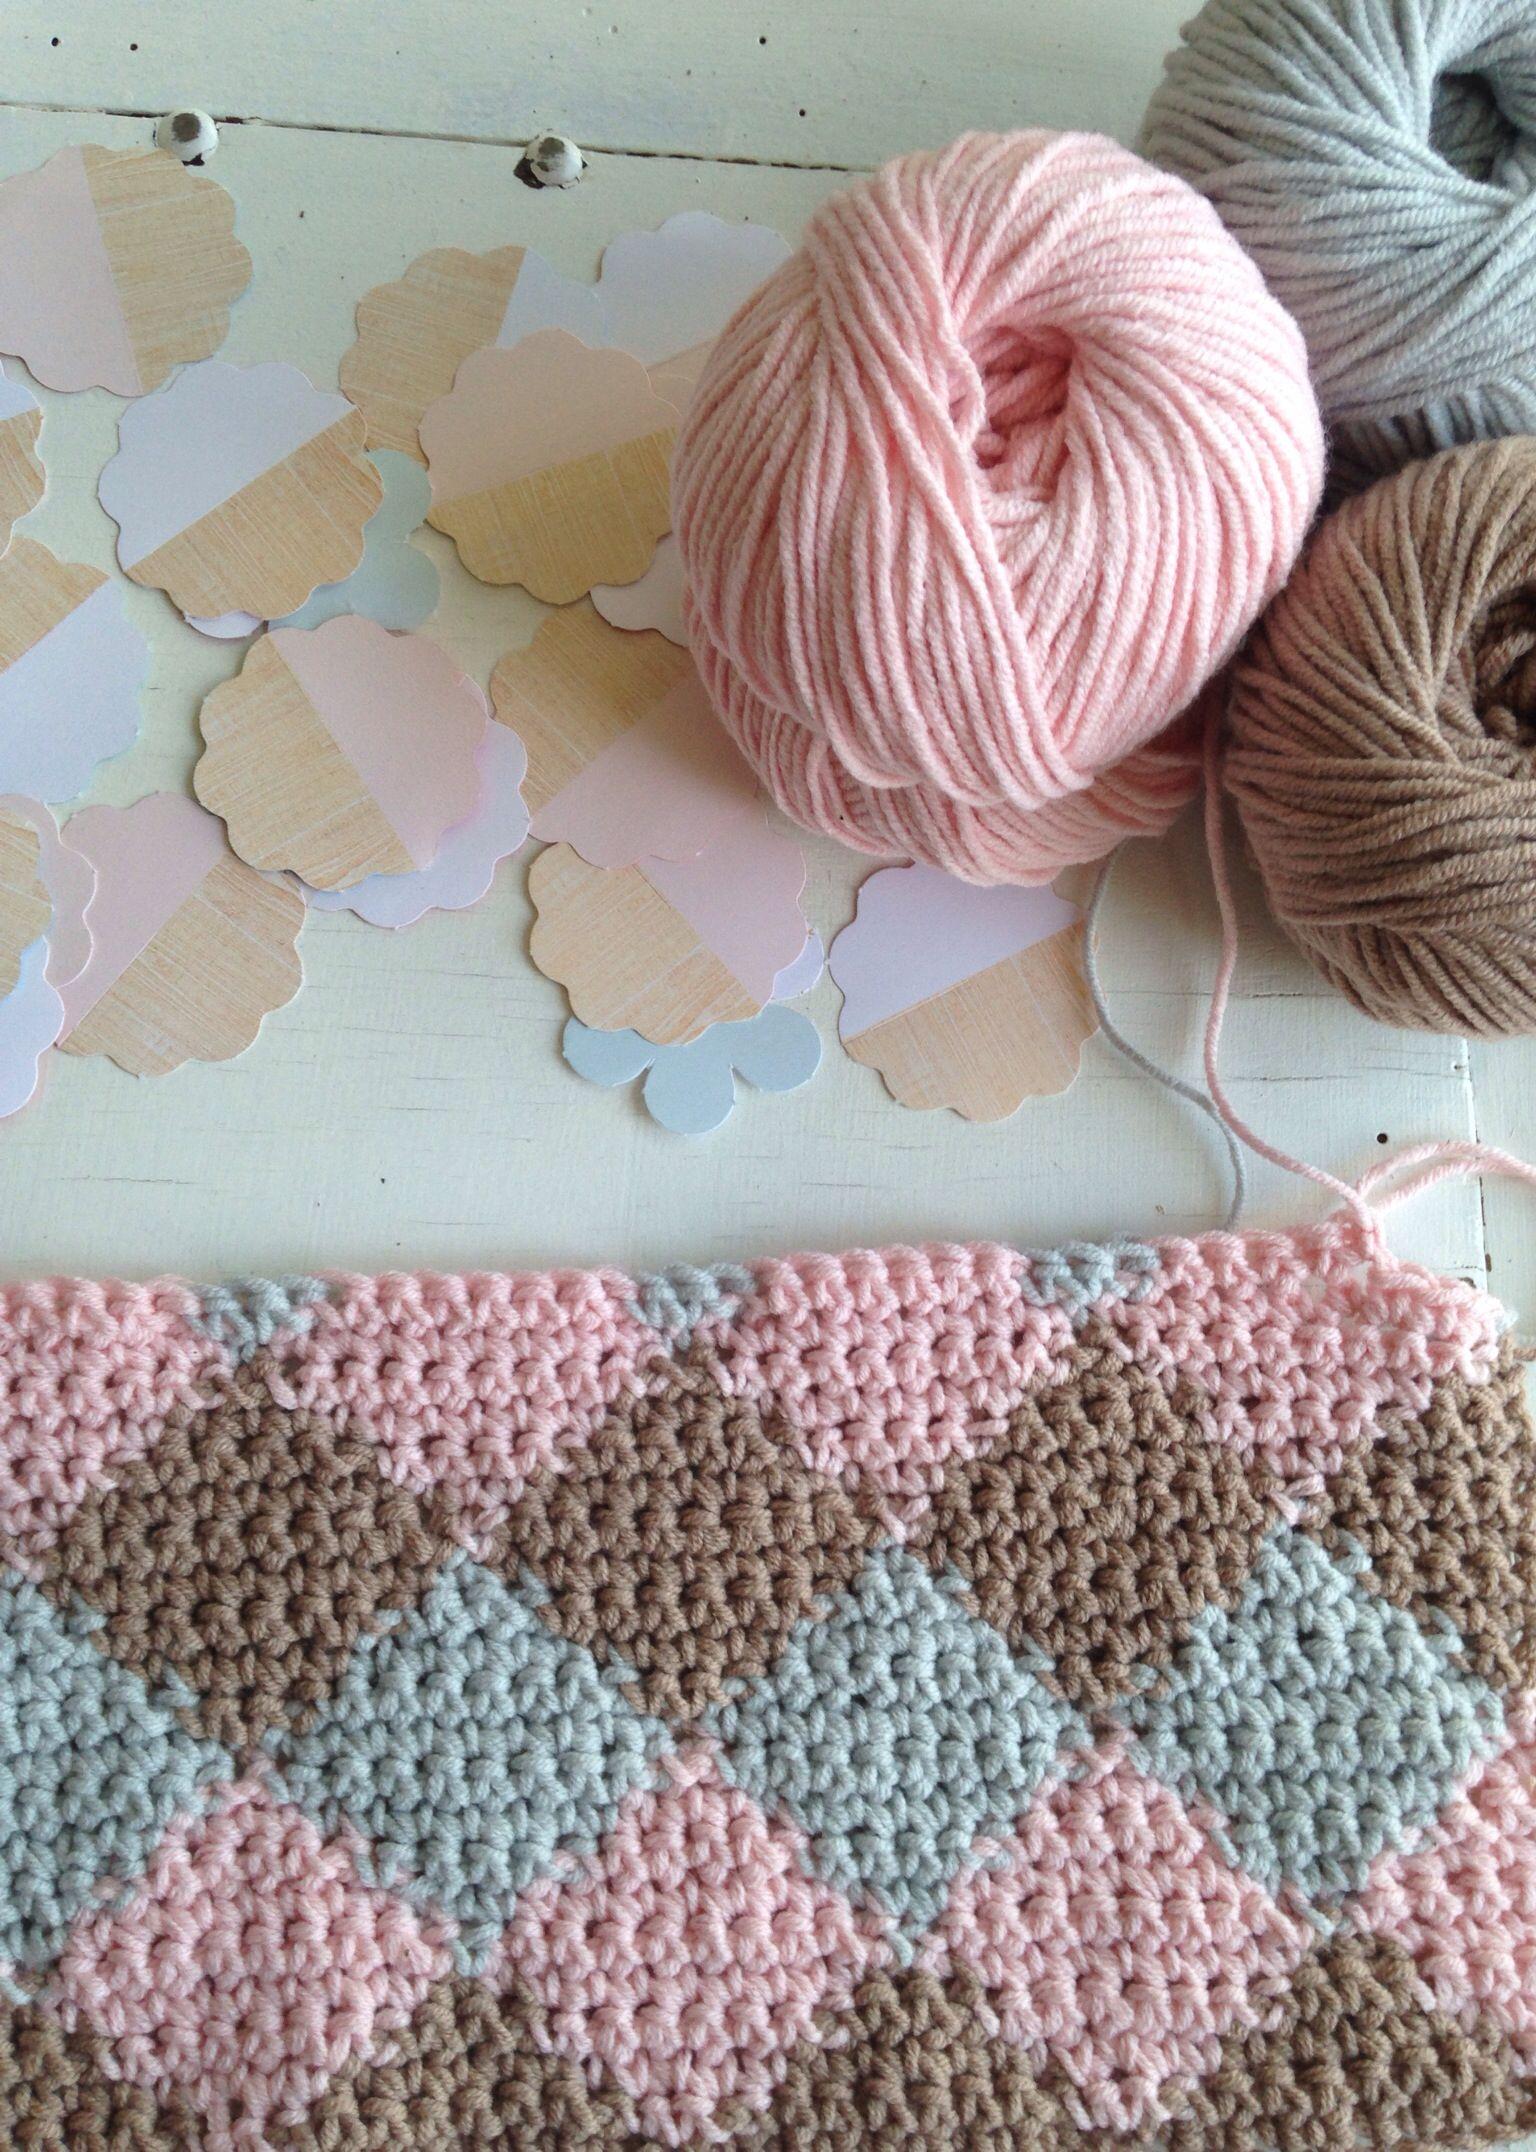 Tapestry Haken Kussen Haken Pinterest Crochet Knitting En